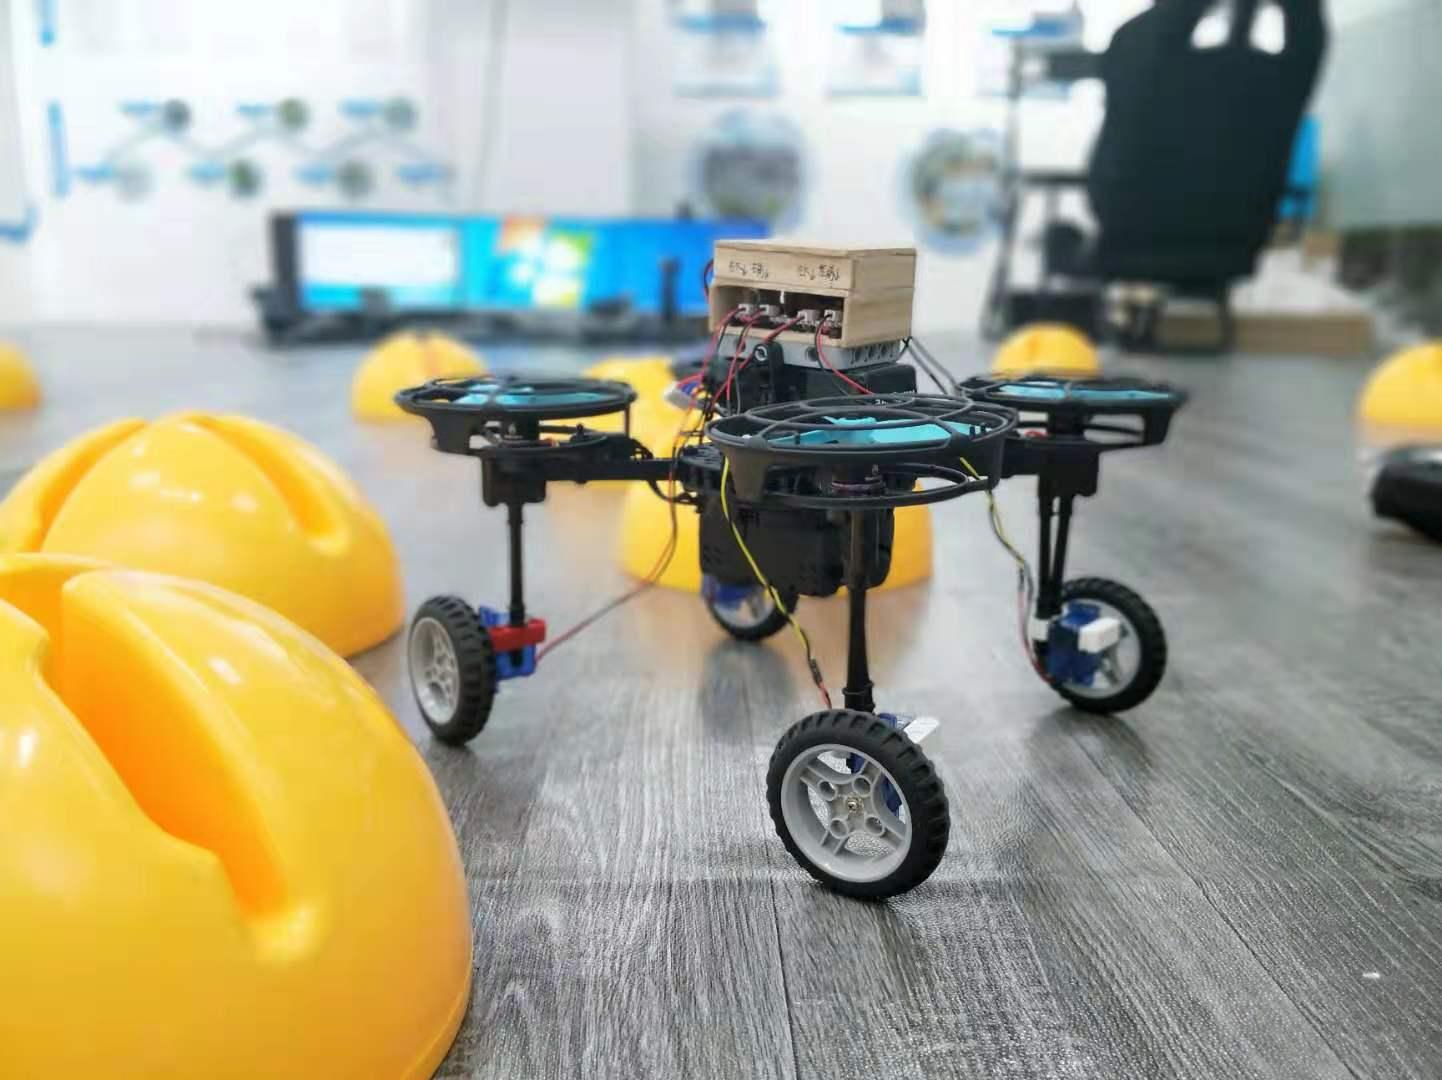 编程创造未来,无人机教育激活青少年创造力